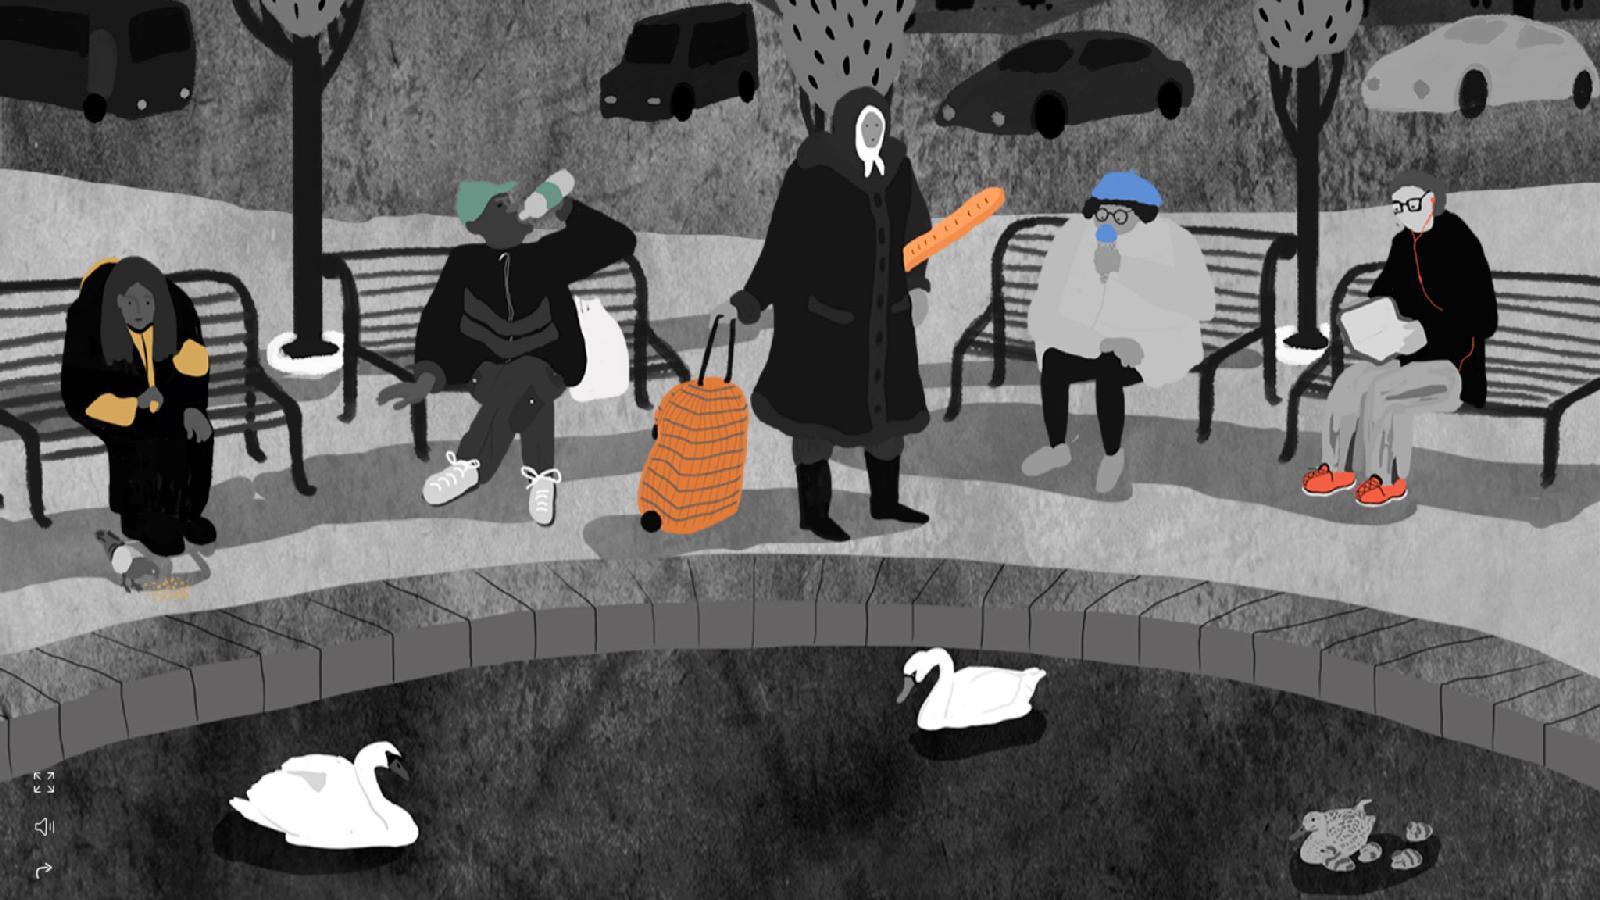 Документальный интерактивный анимационный веб‑проект «жили|были» был подготовлен ко Дню бездомного человека